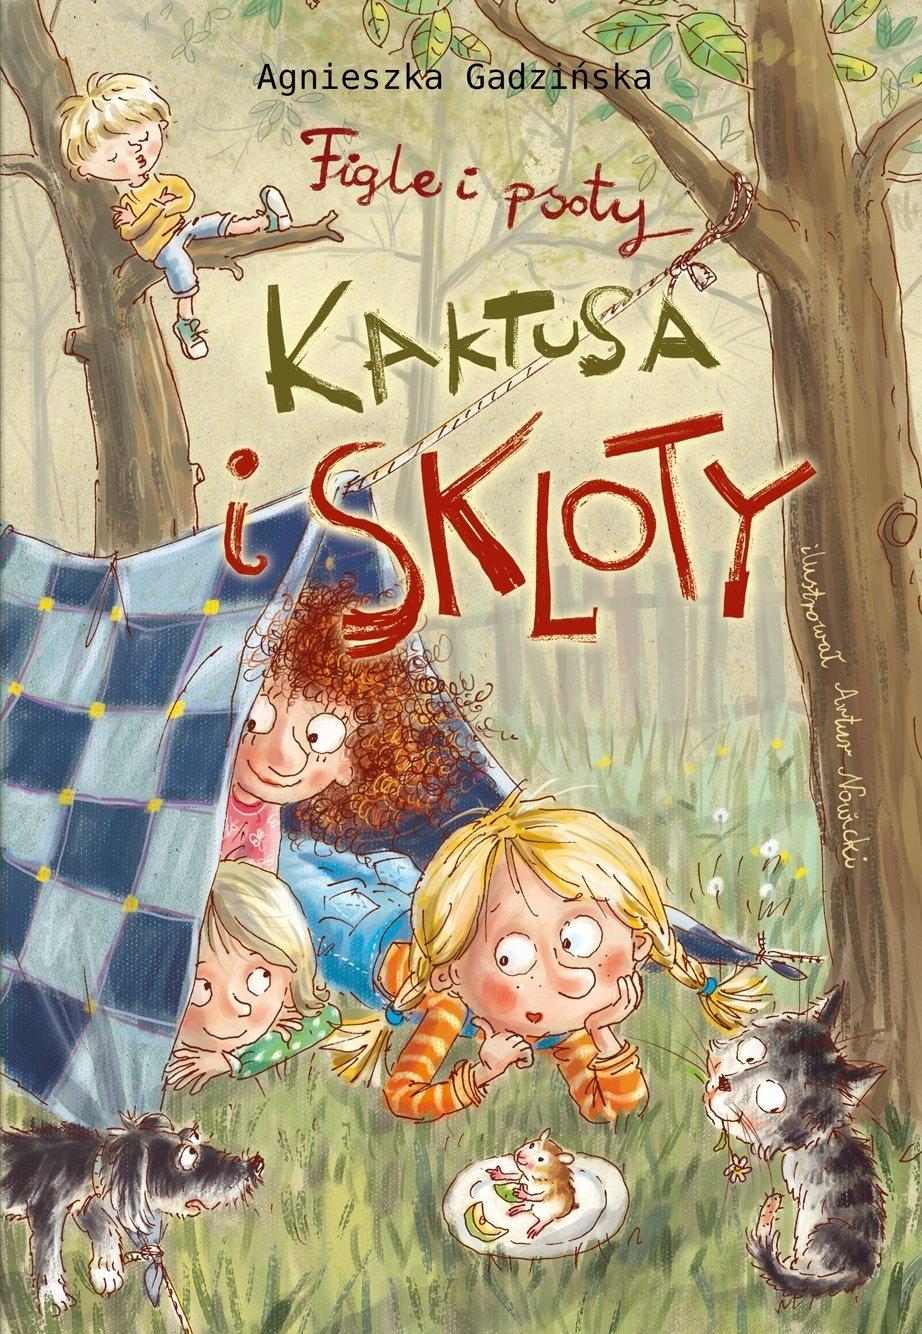 Figle i psoty Kaktusa i Skloty recenzja książki dla dzieci